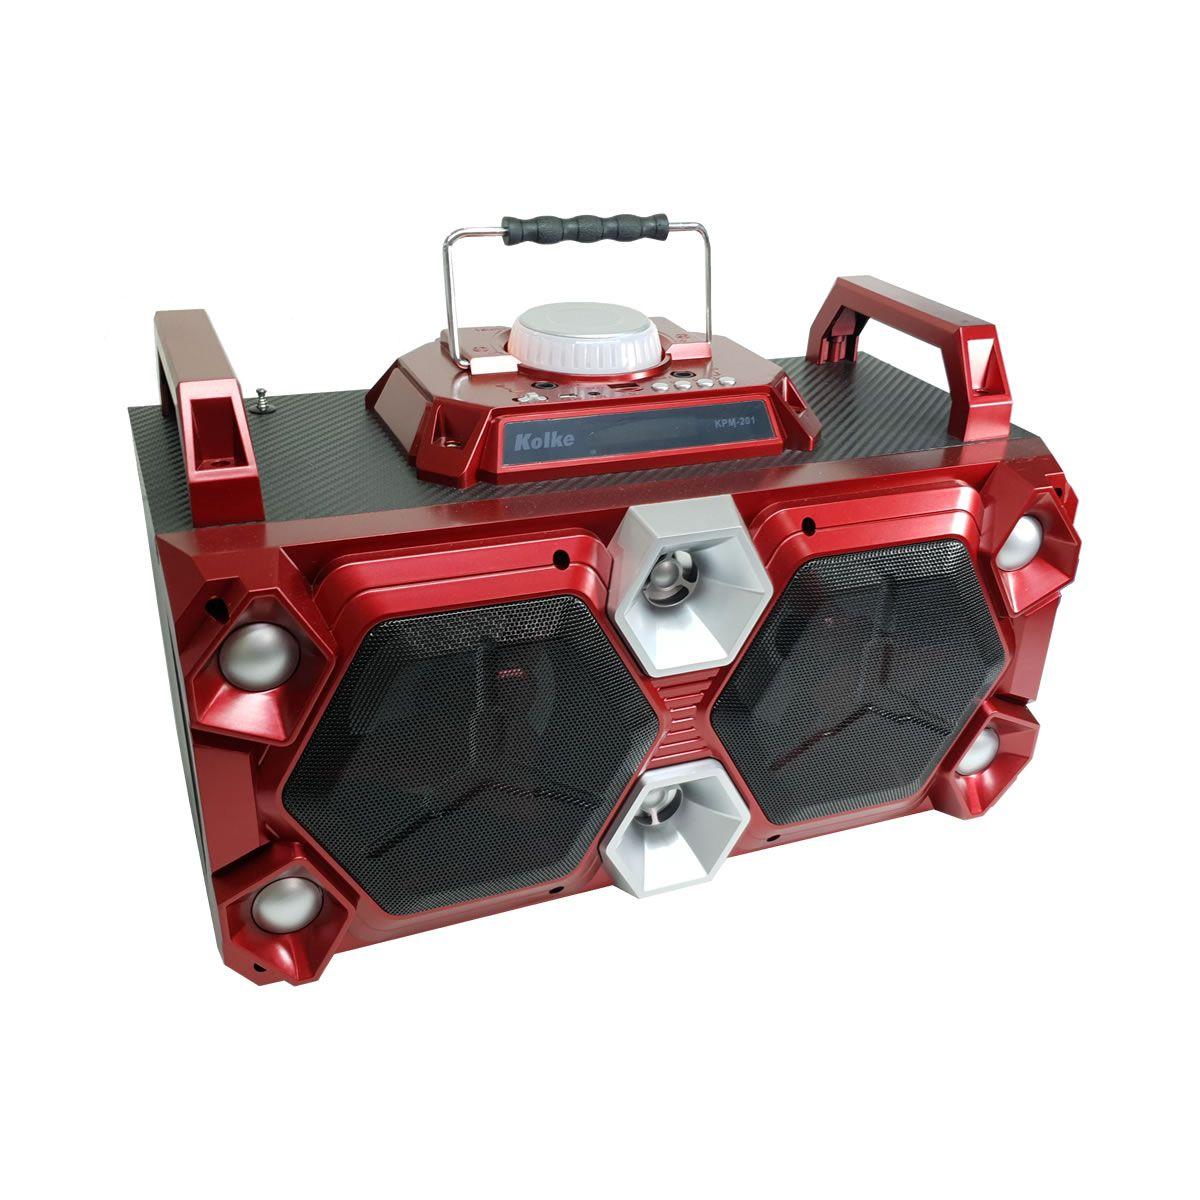 Caixa de Som com bluetooth 50w  vermelha KPM201